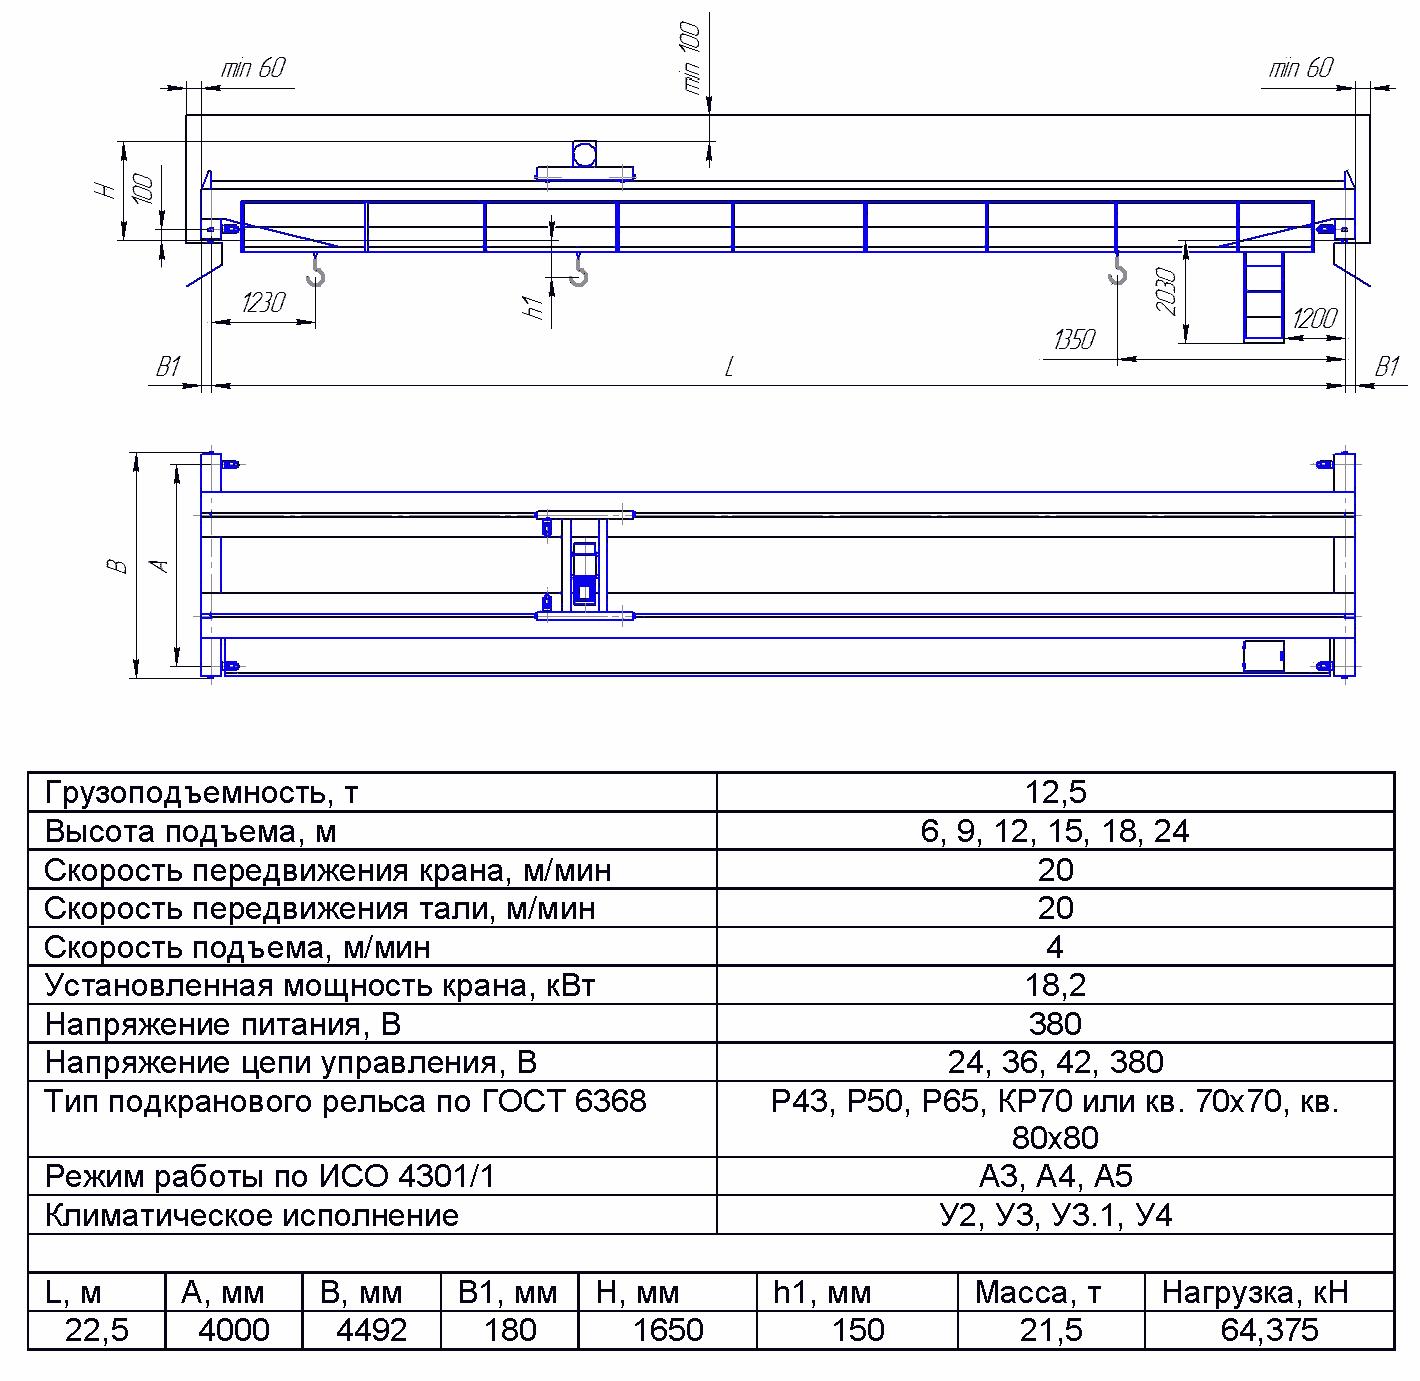 KMON 3 5 - Опорный мостовой кран общего назначения